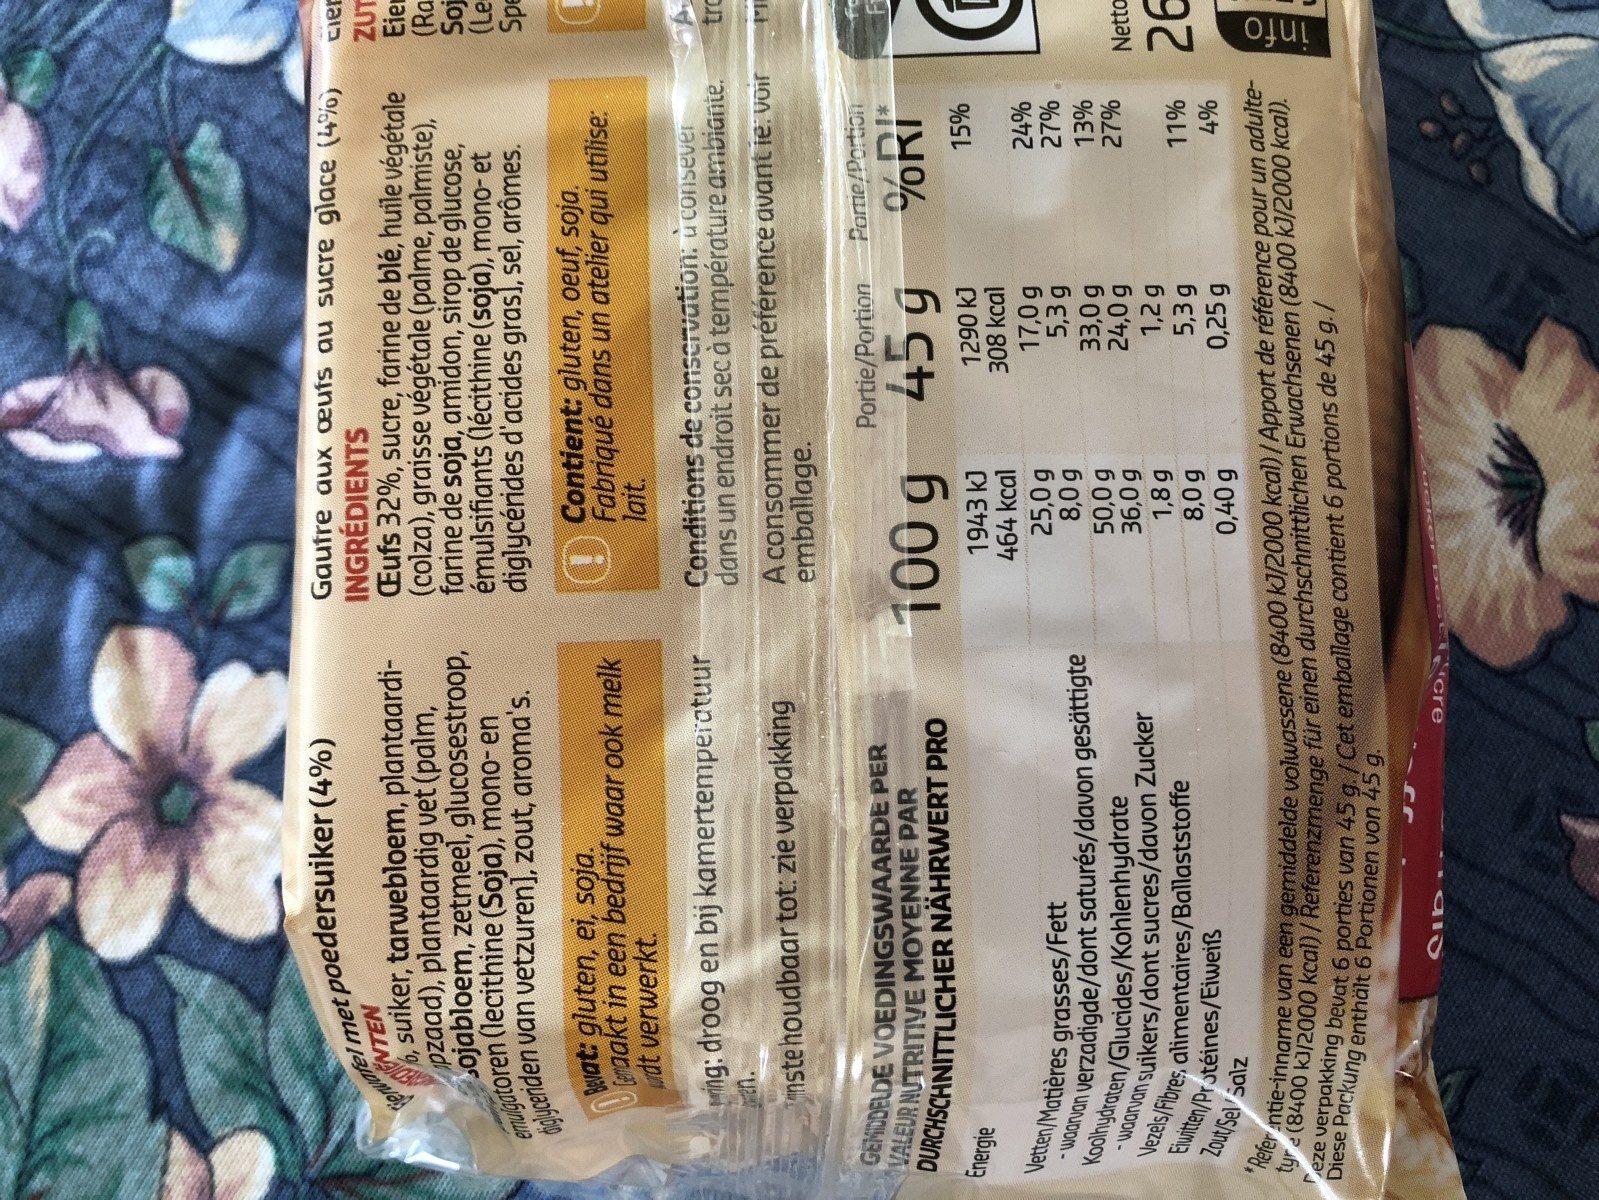 Galettes aux oeufs frais - Ingrédients